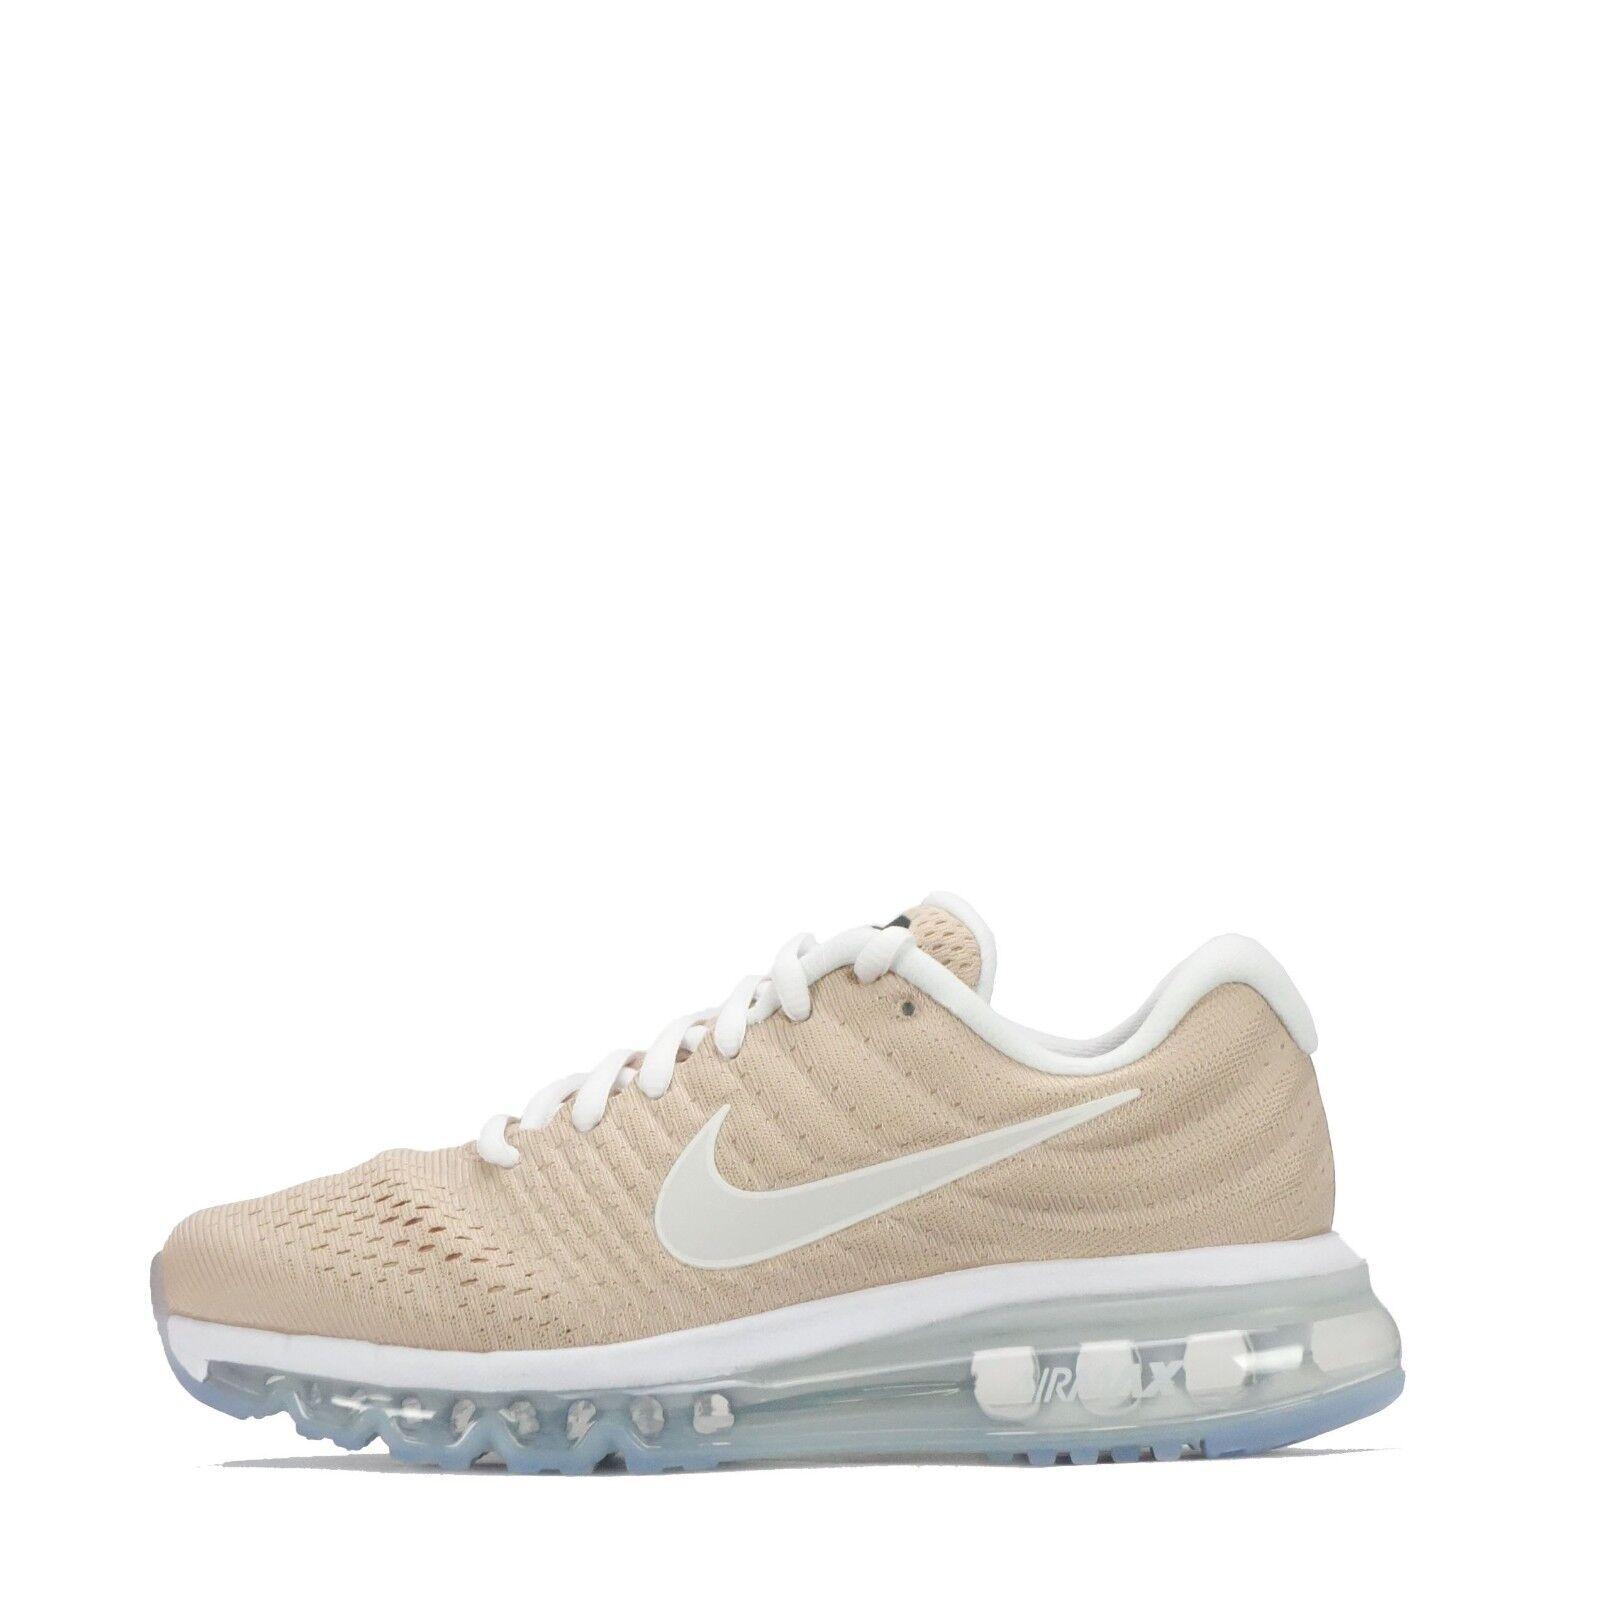 Nike Air Max 2017 Women's Running Trainers Bio Beige/White